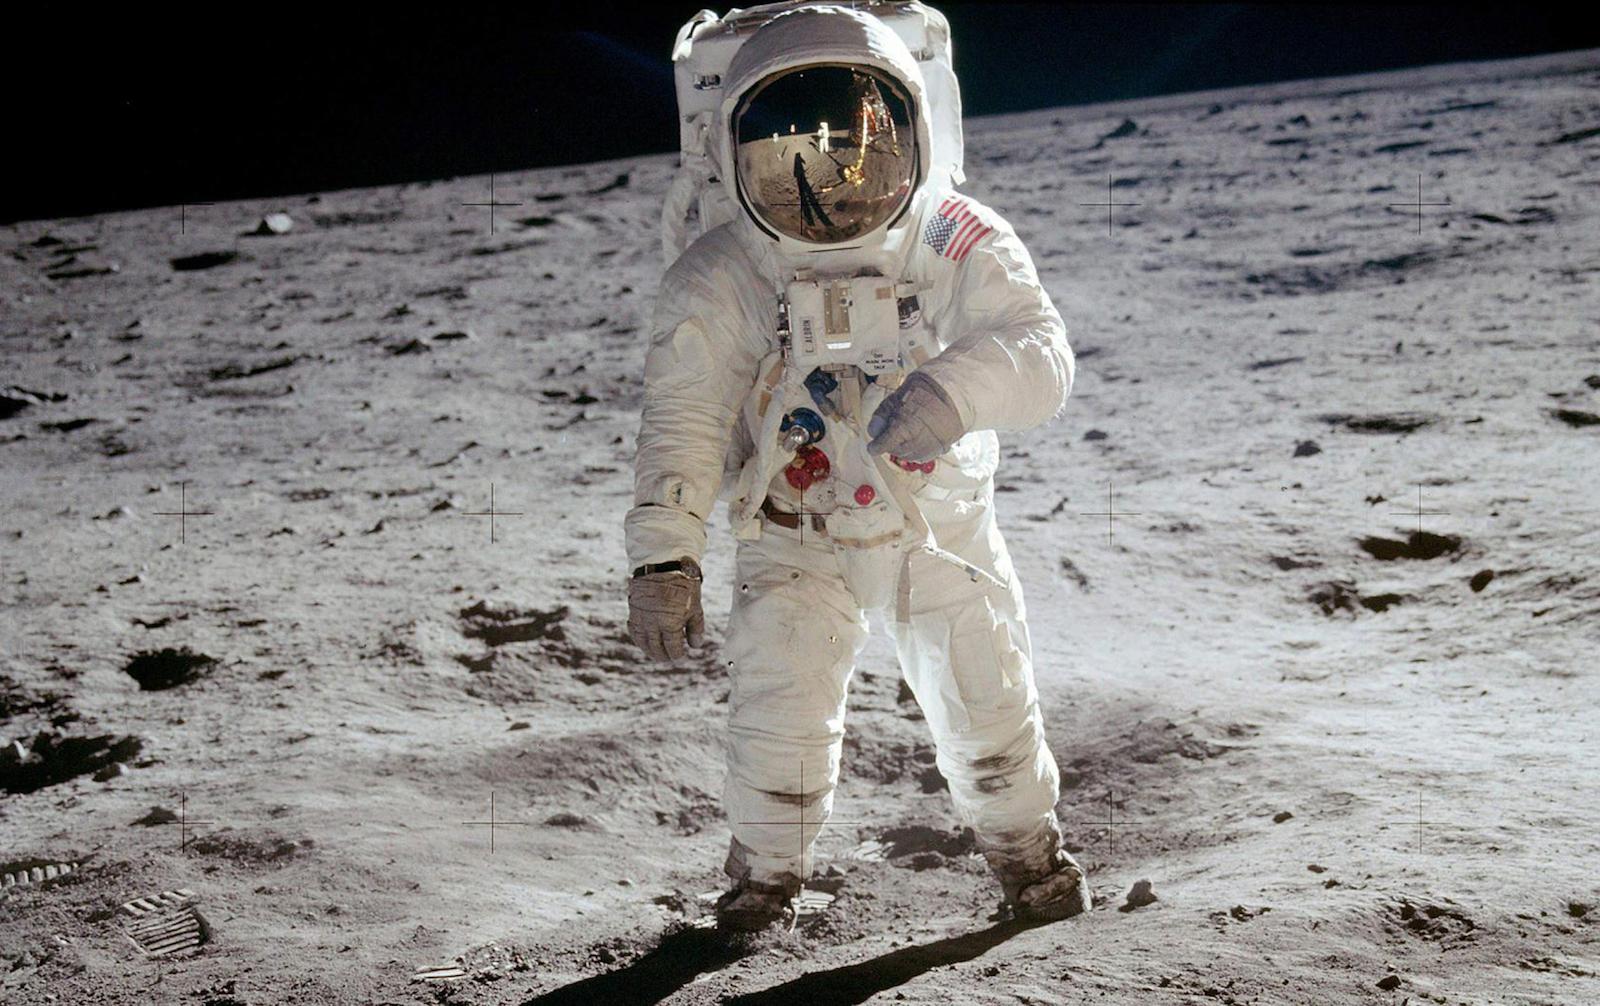 Zdjęcie wykonane Hasselbladem na powierzchni Księżyca.